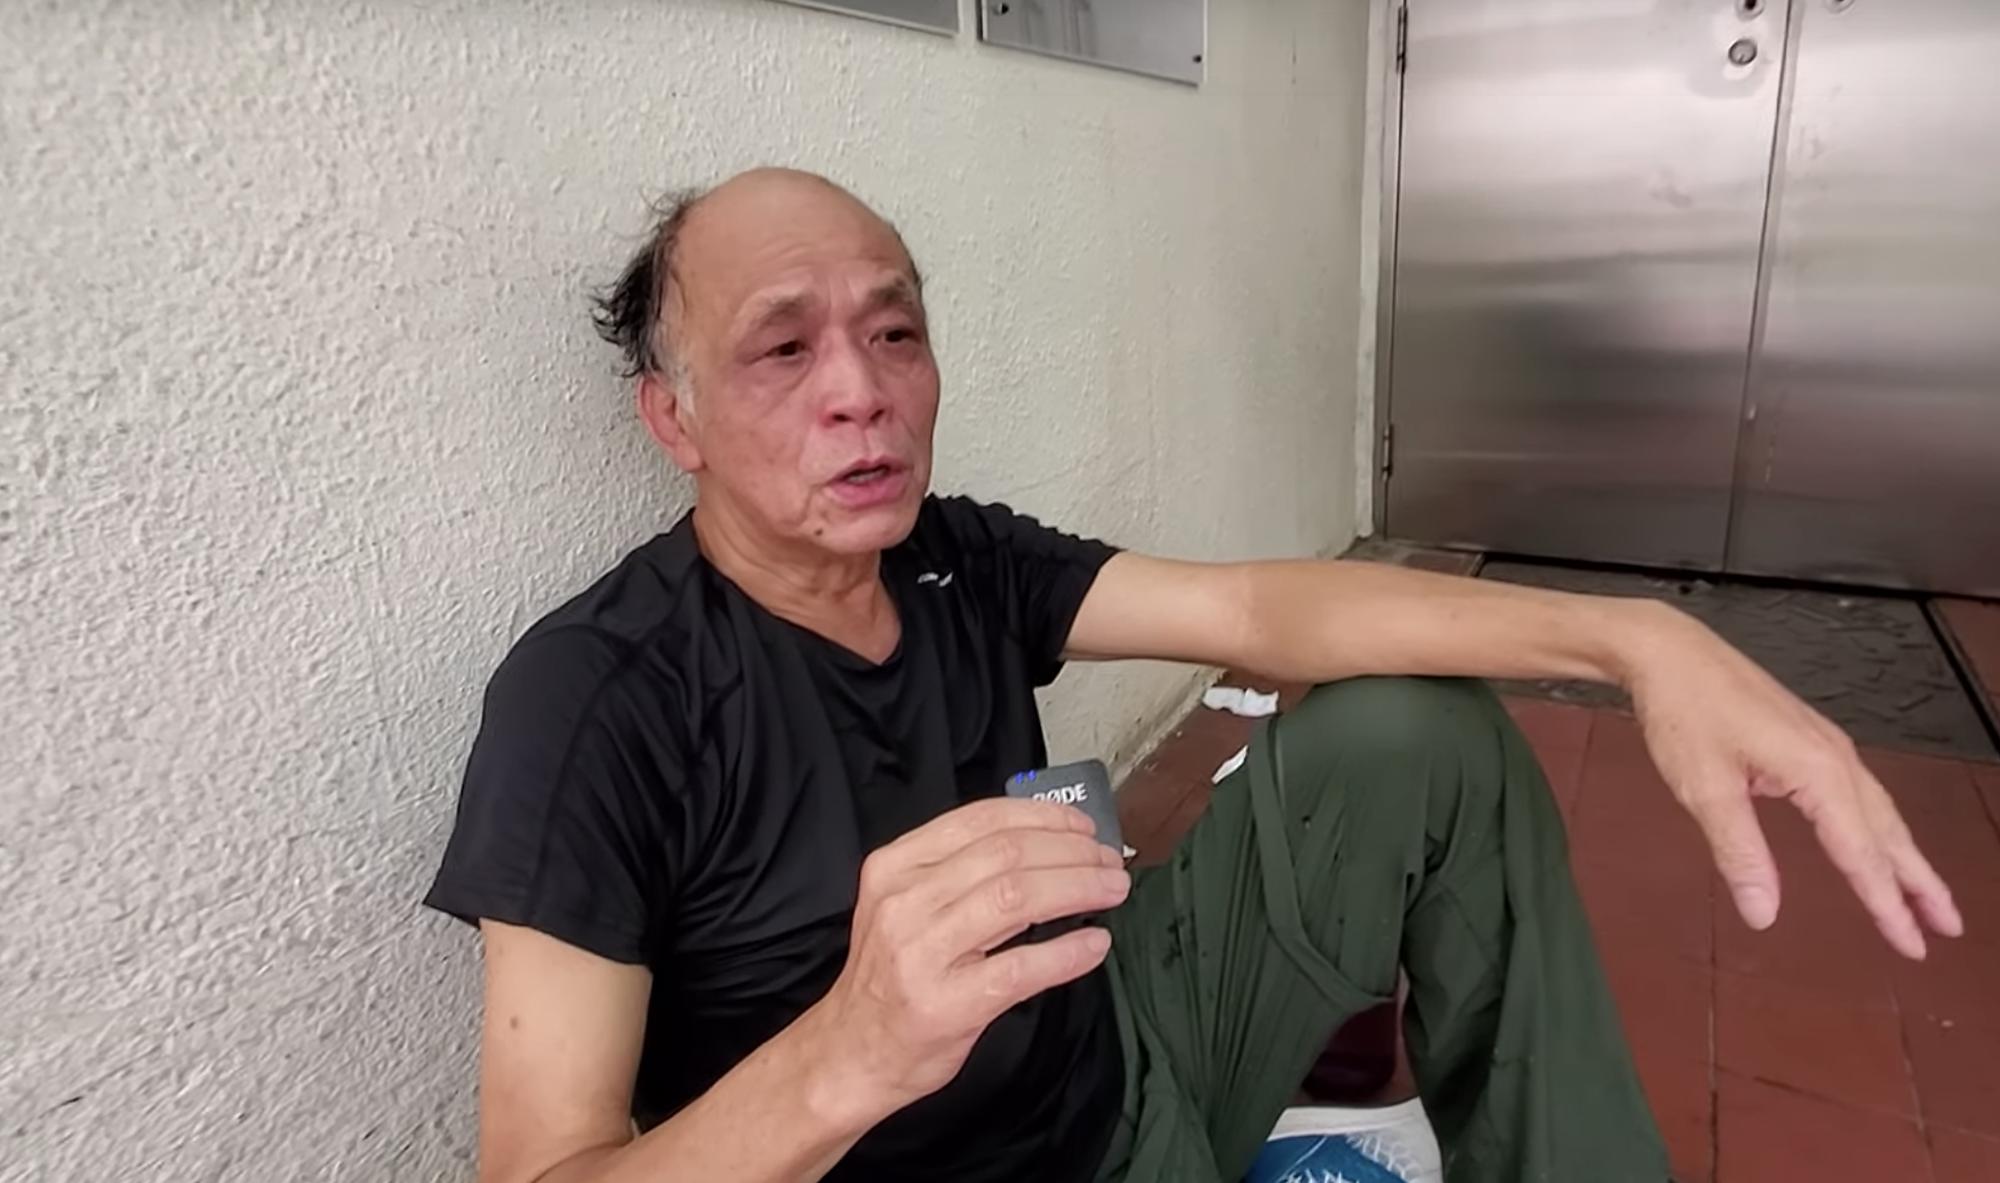 9月29日,全球港人同步抗爭銅鑼灣SOGO處,看熱鬧的街坊許先生受到警方的辣椒水劑和催淚煙的傷害,非常痛苦。(駱亞 / 大紀元)